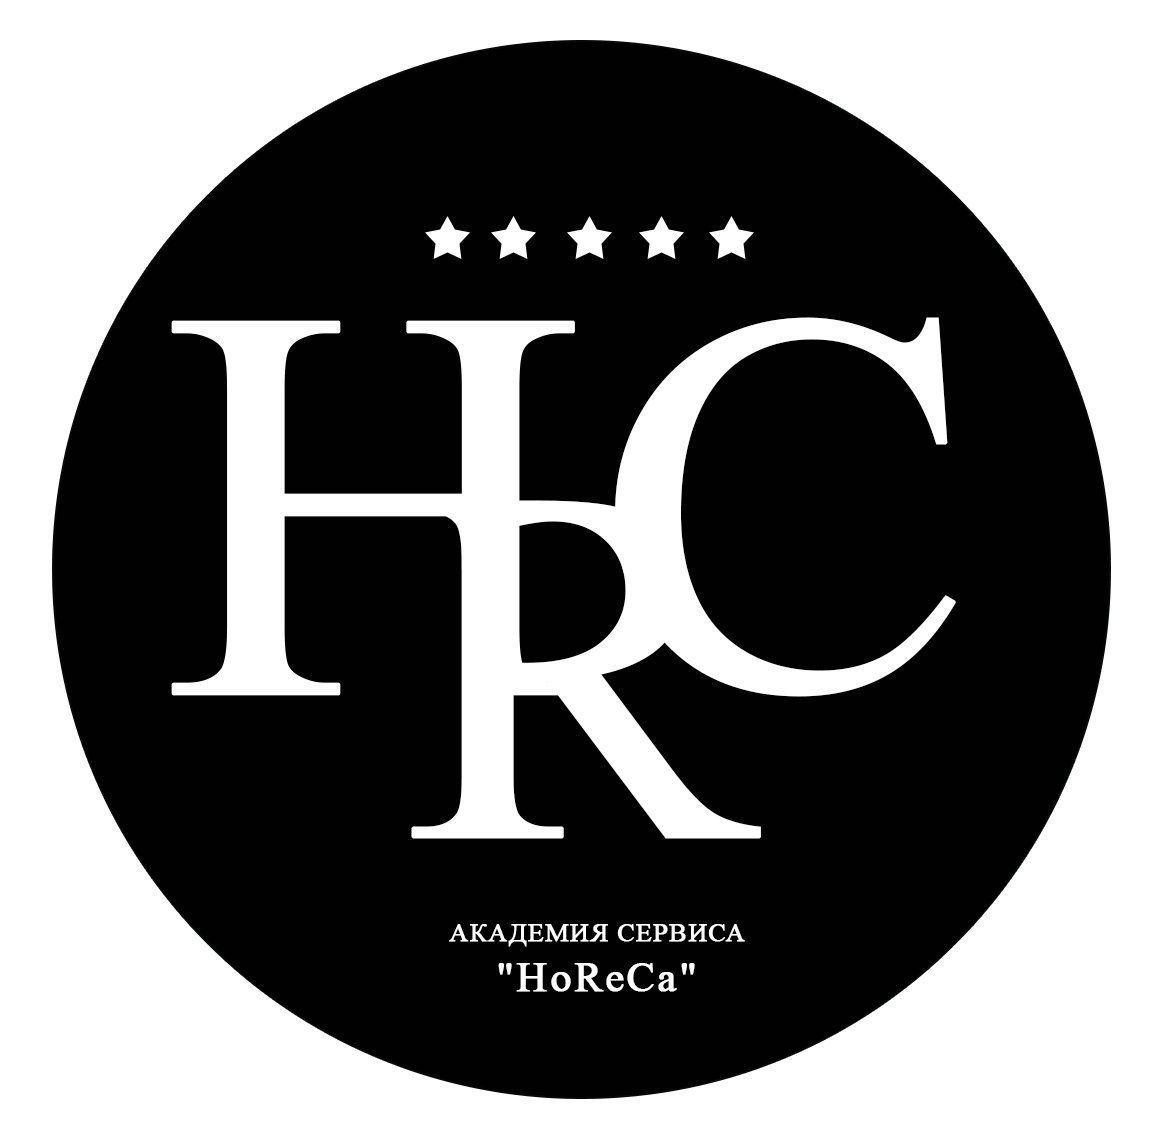 Академия сервиса HoReCa